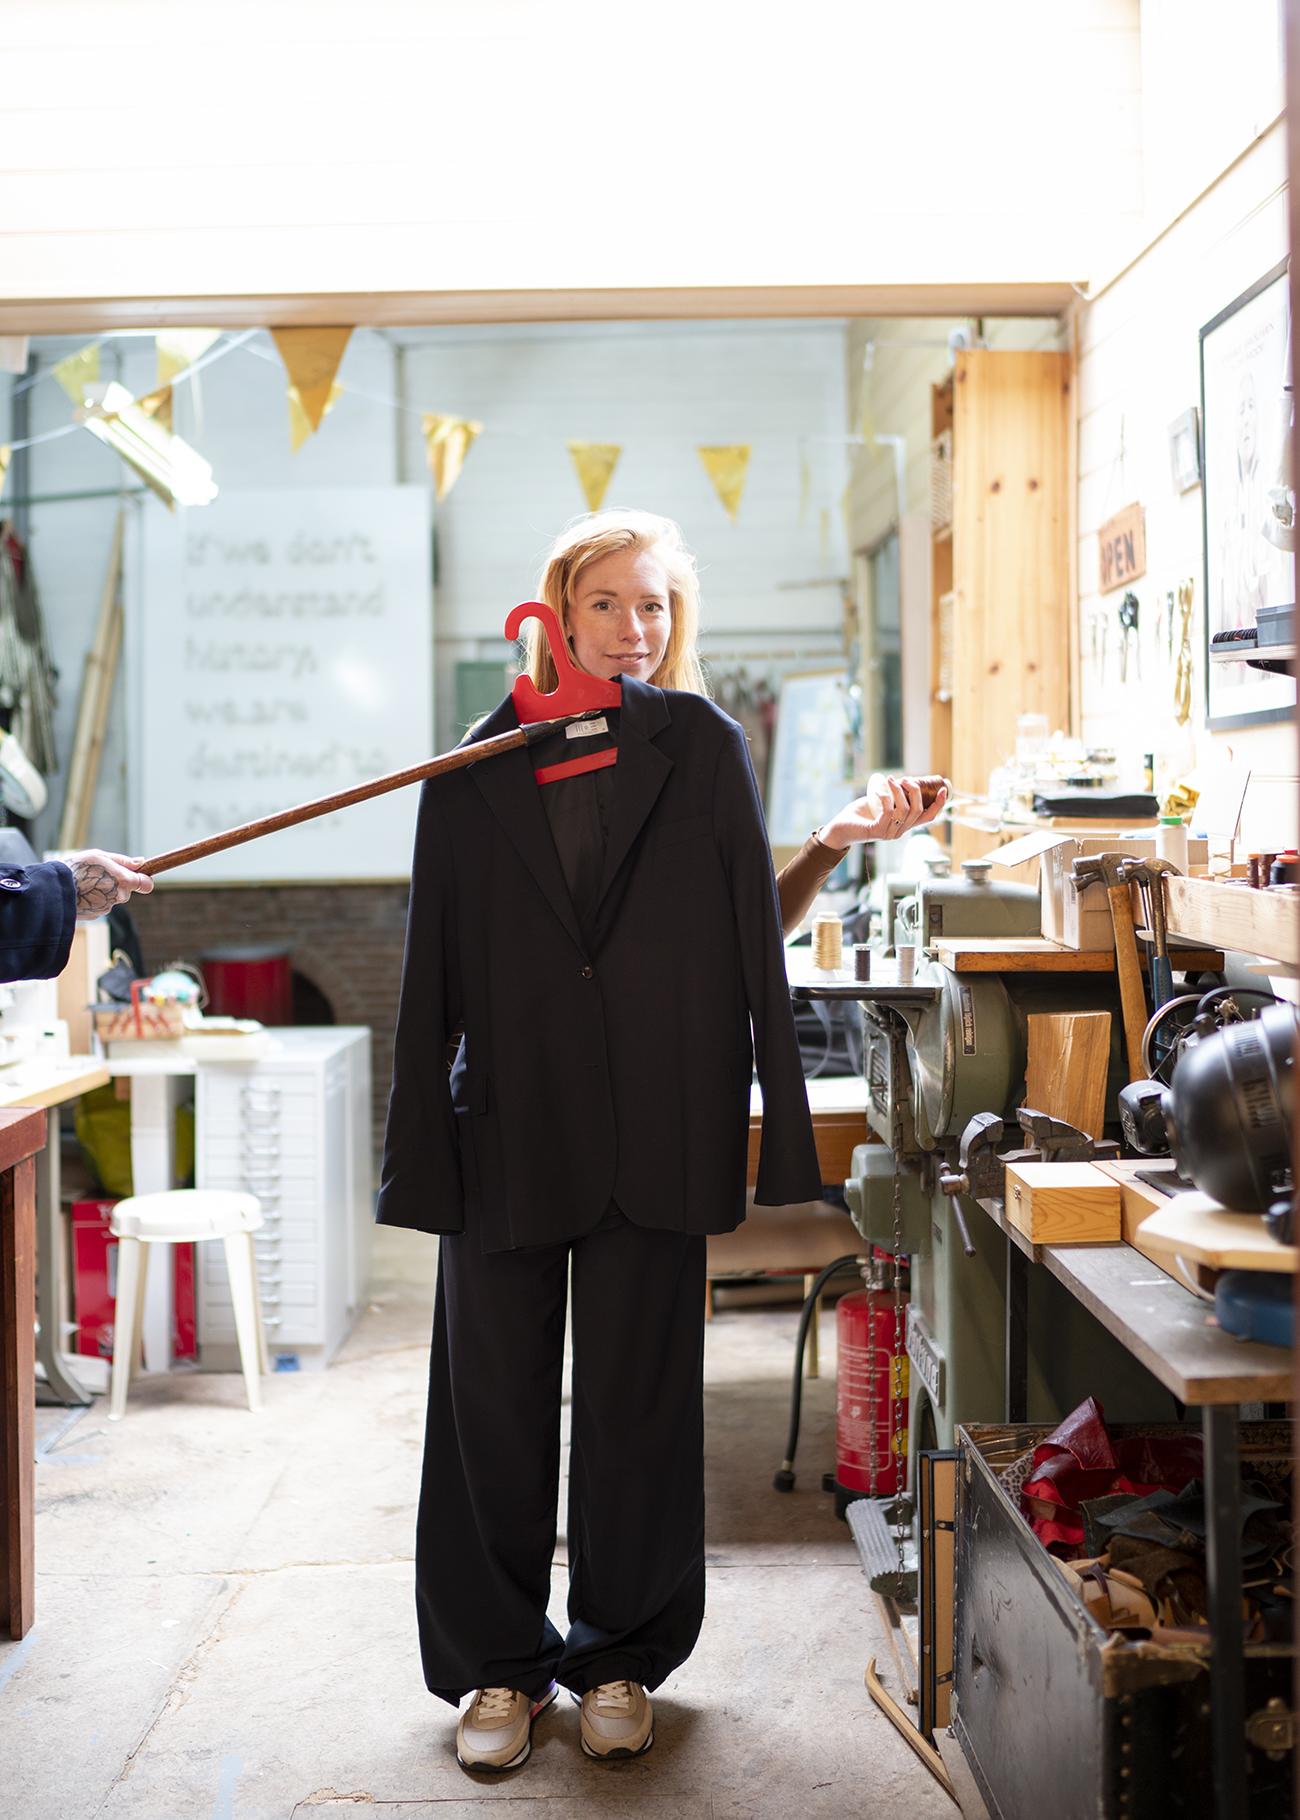 vrouw past jas in winkel